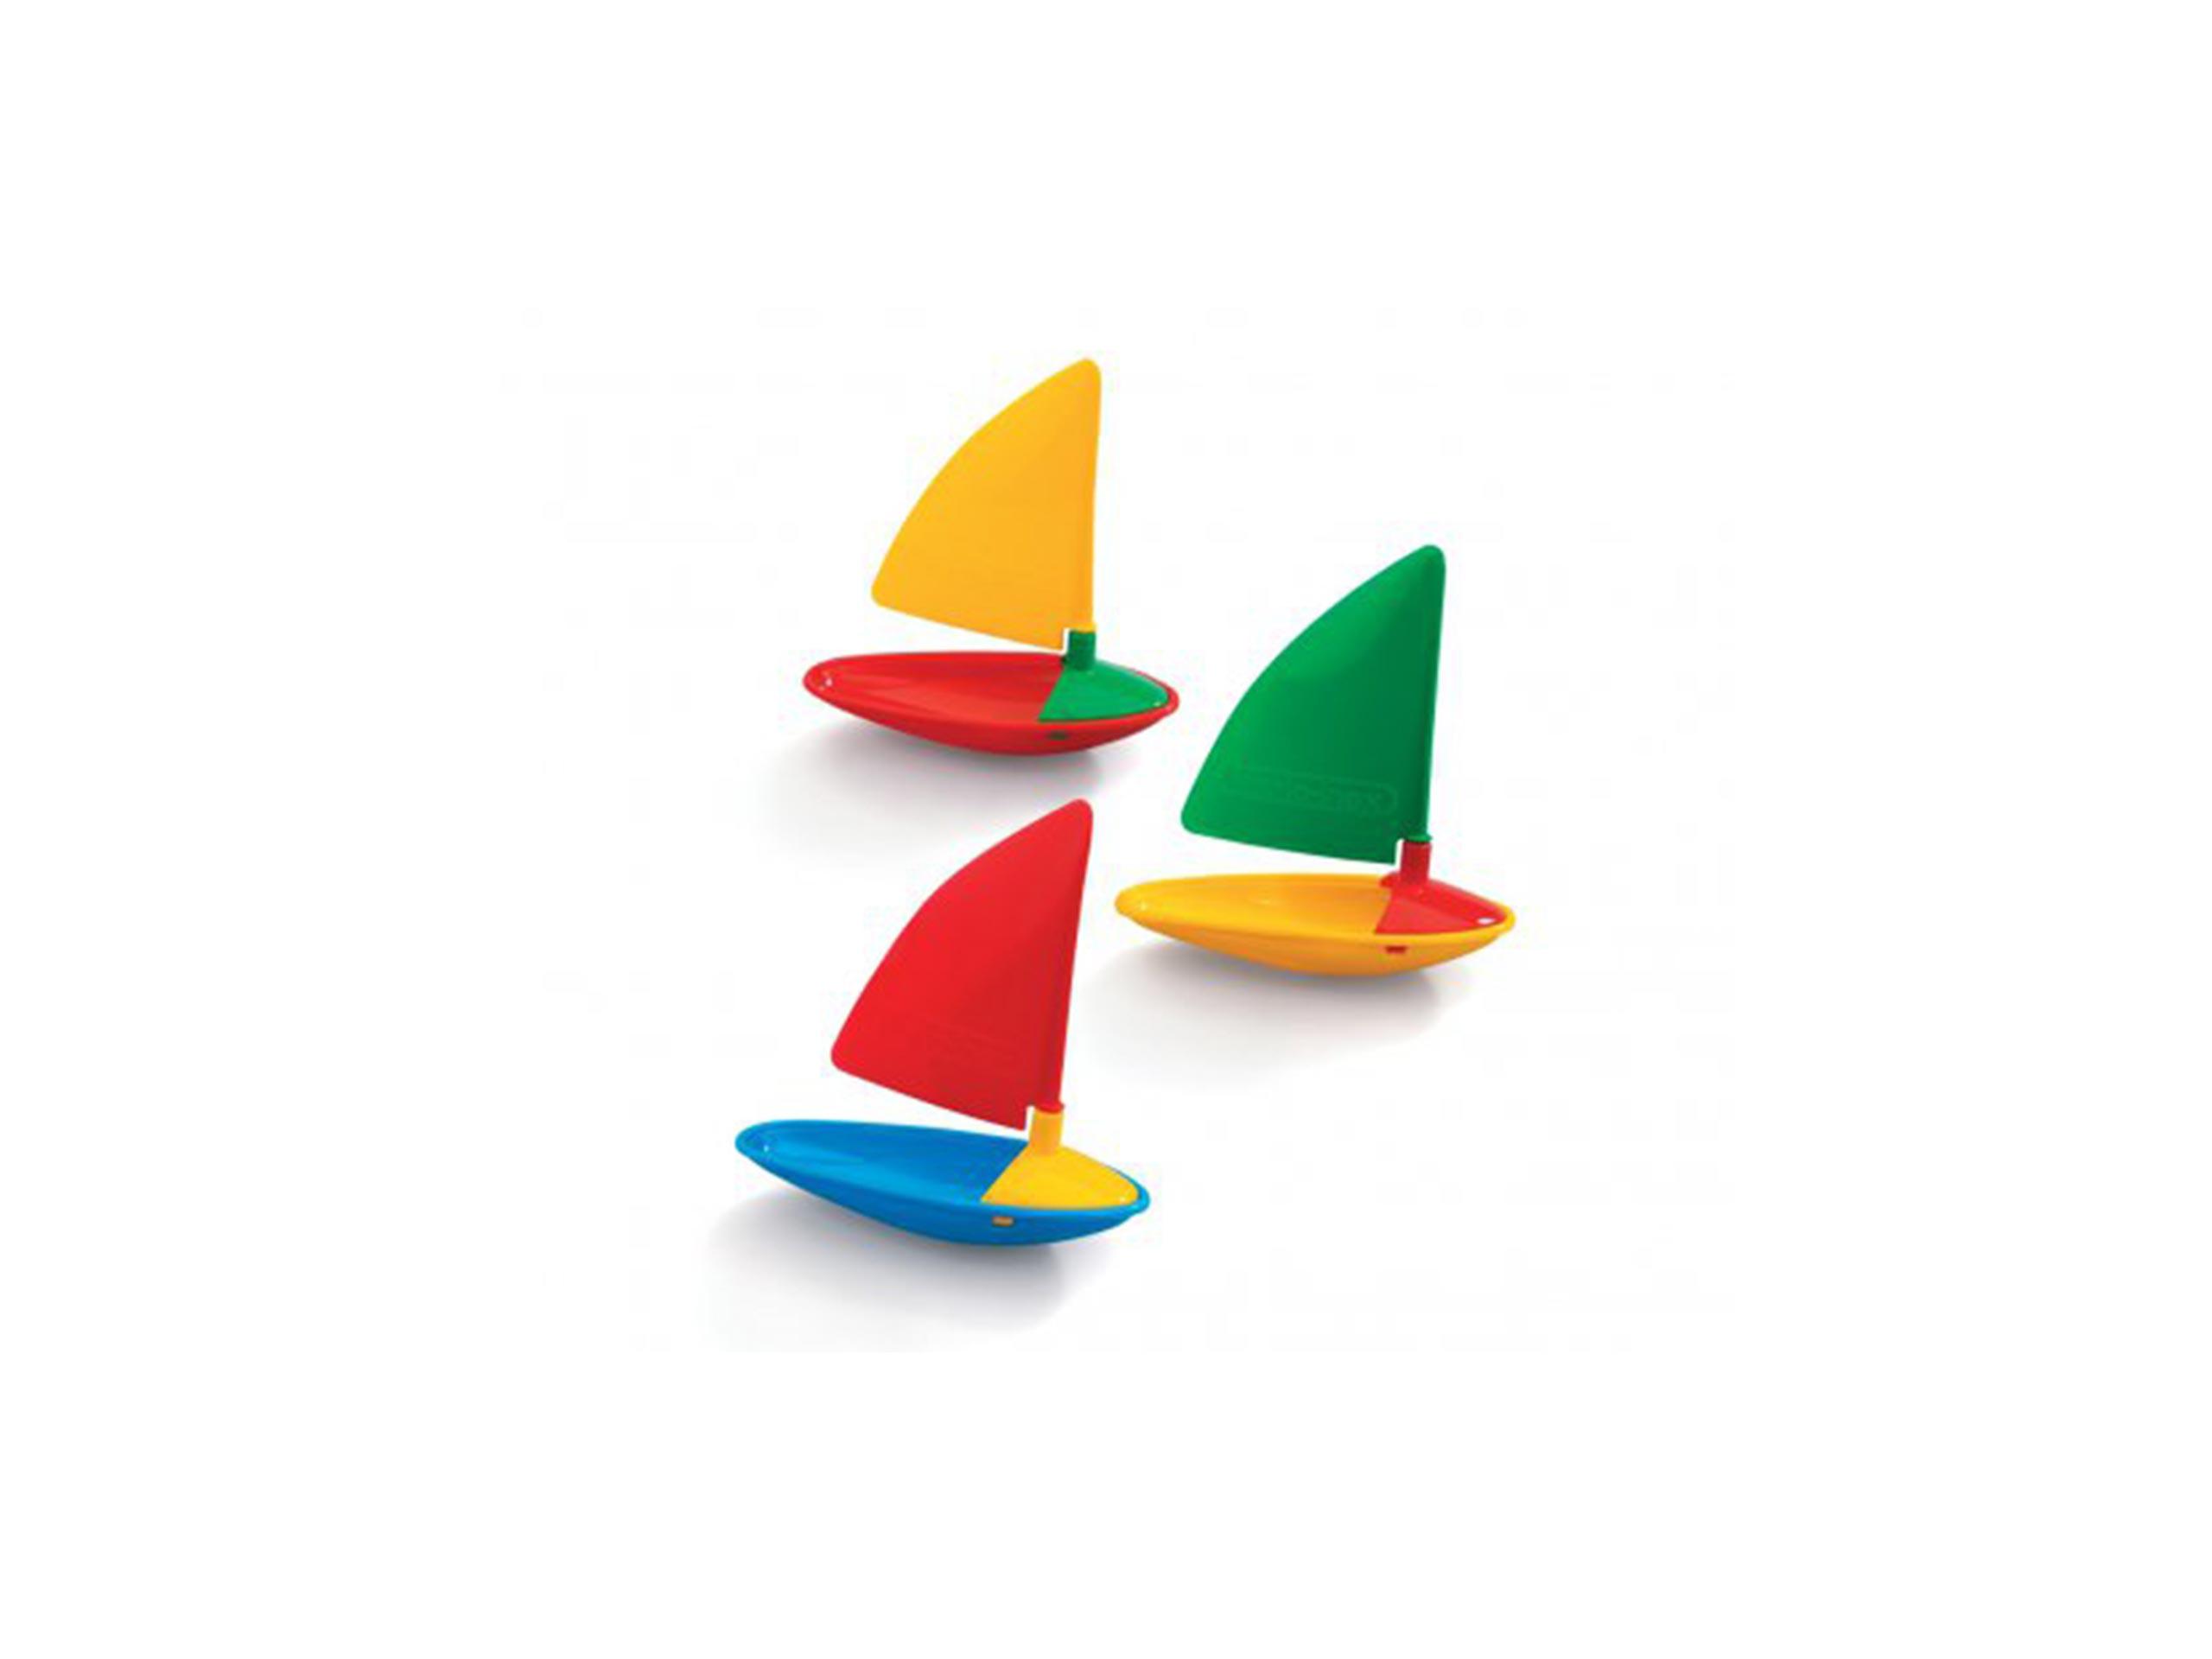 ПАРУСНЫЕ ЛОДКИ для игры на воде и на воде - 3 предмета